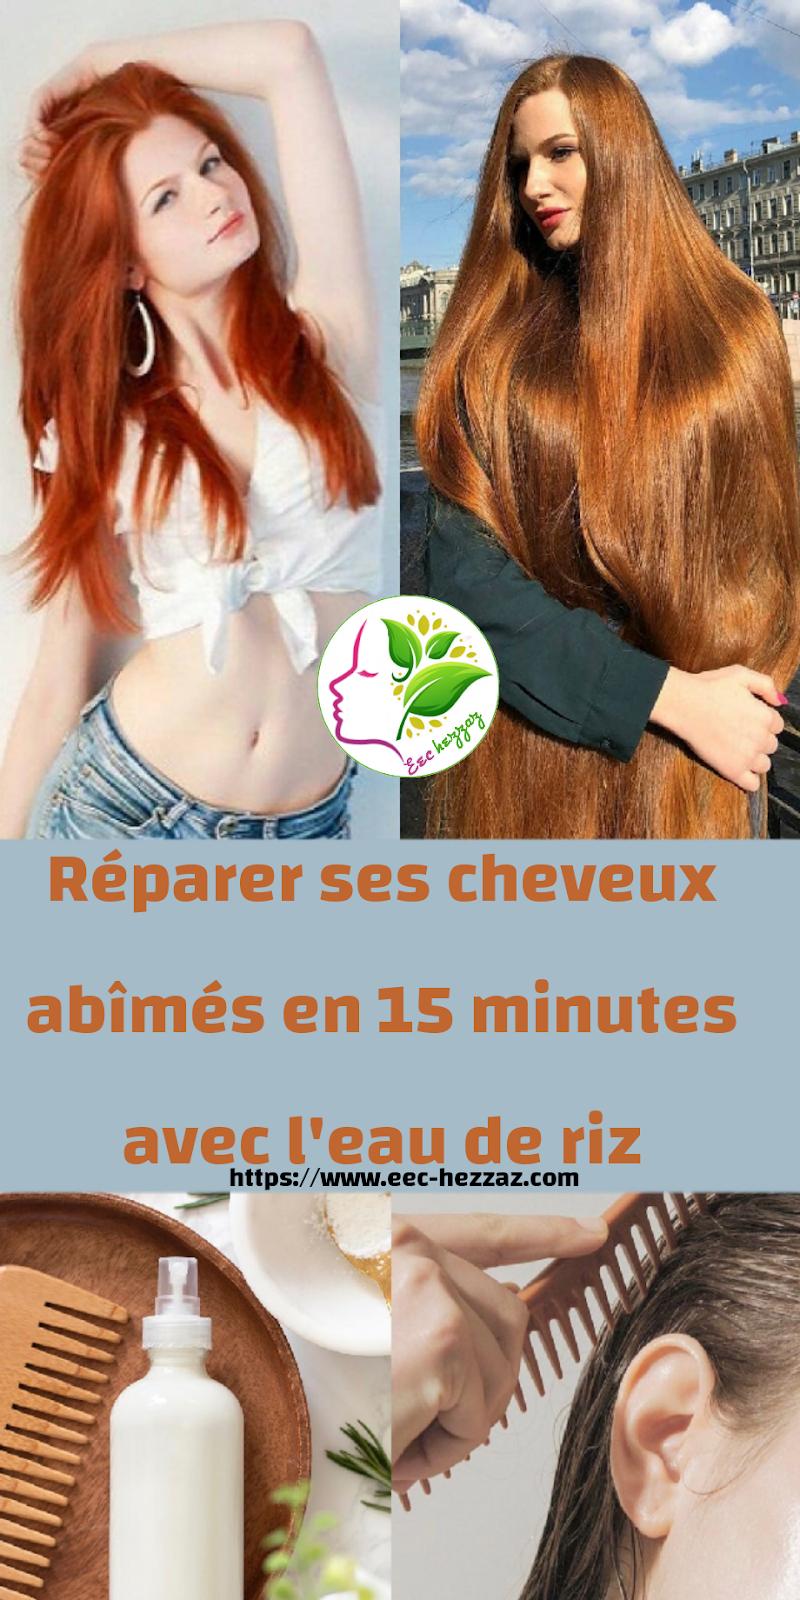 Réparer ses cheveux abîmés en 15 minutes avec l'eau de riz